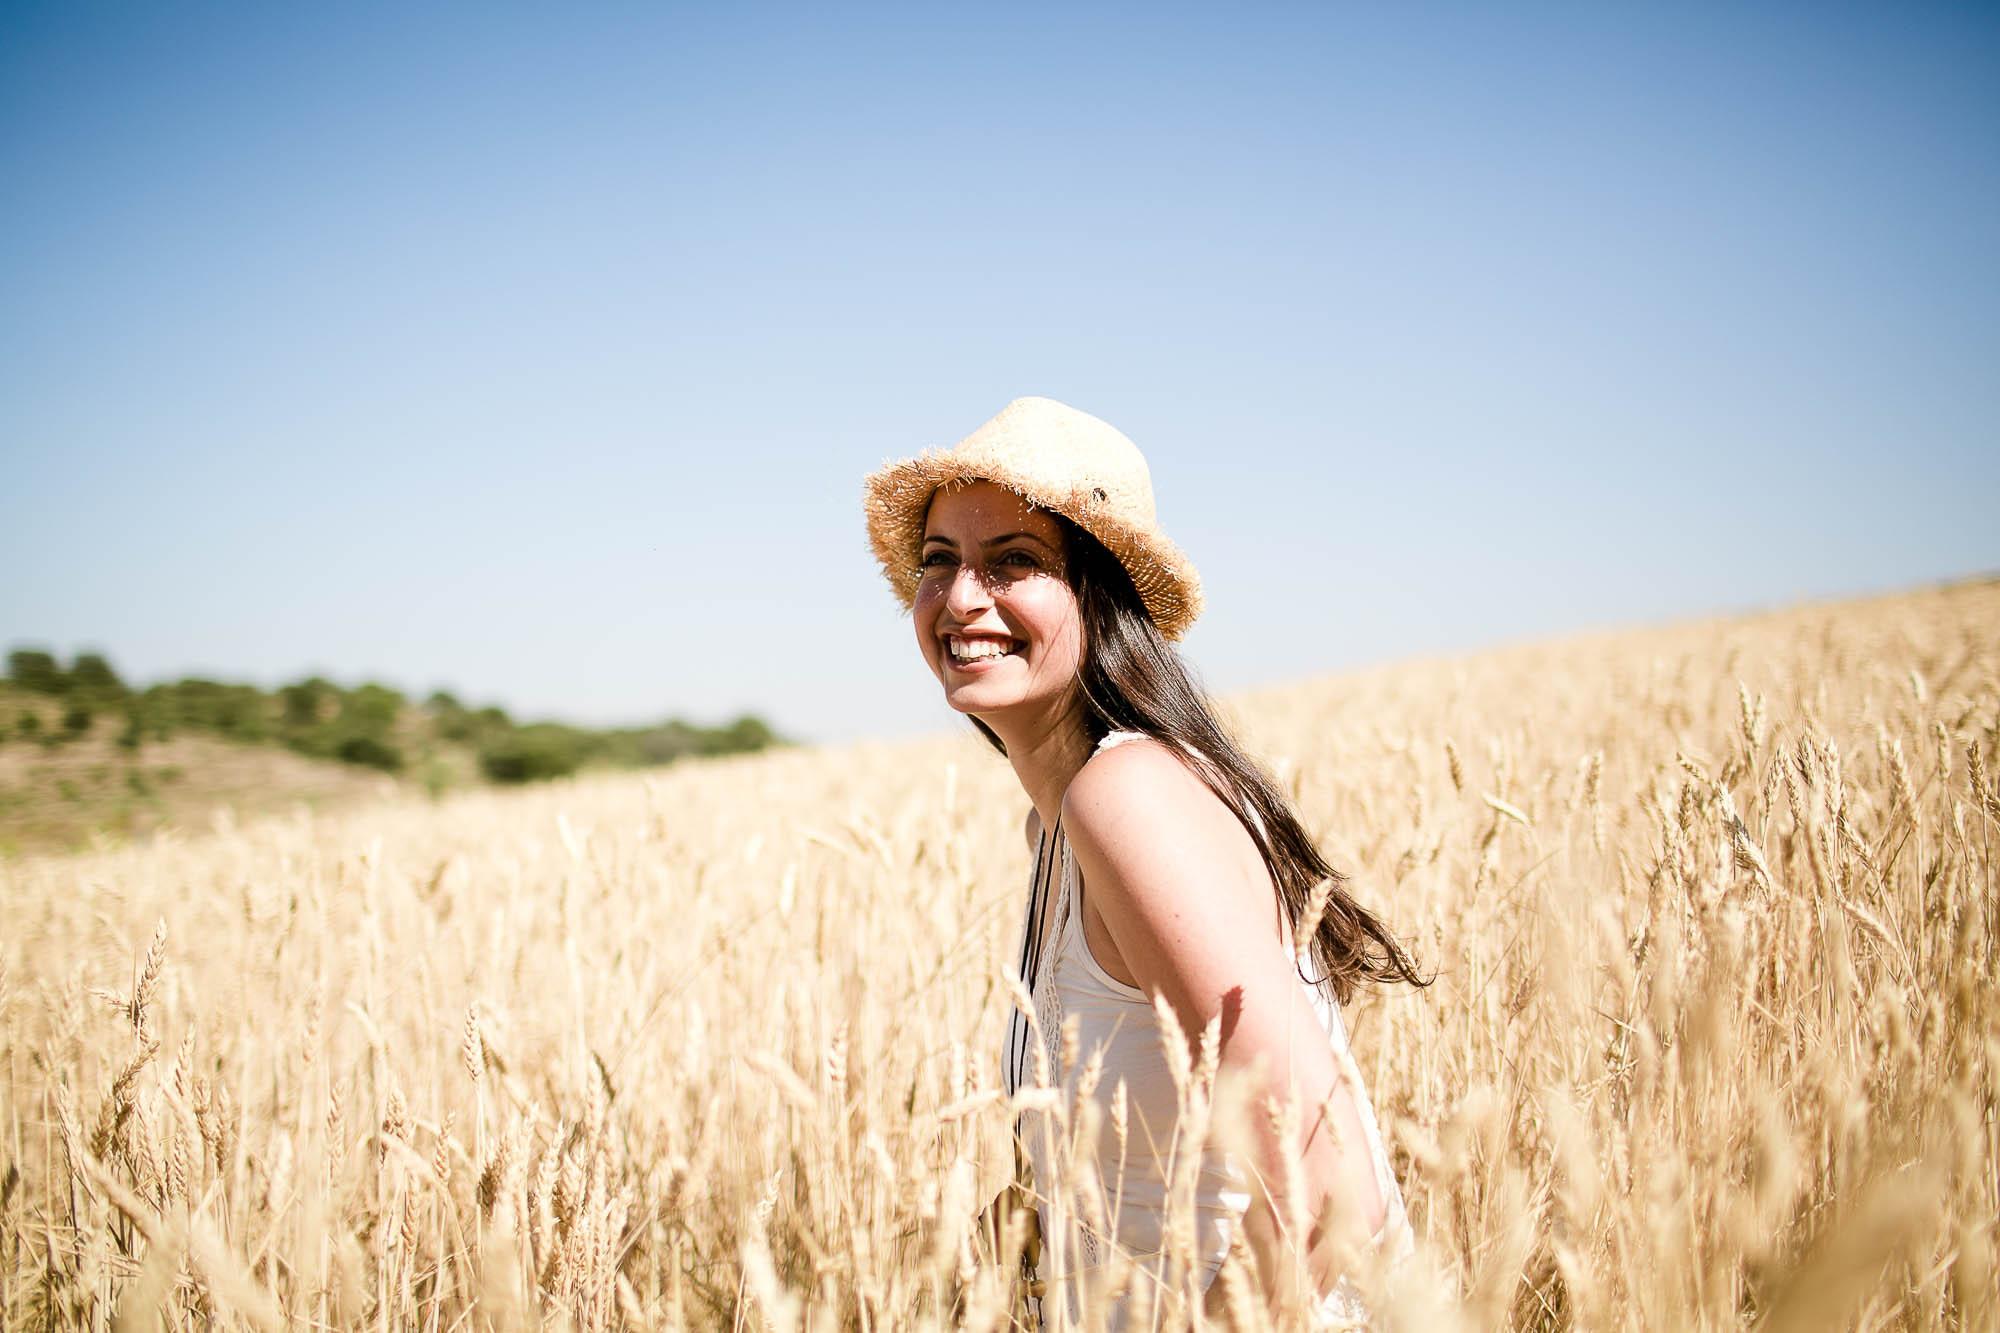 La novia lleva un sombrero de paja y ríe en medio del campo